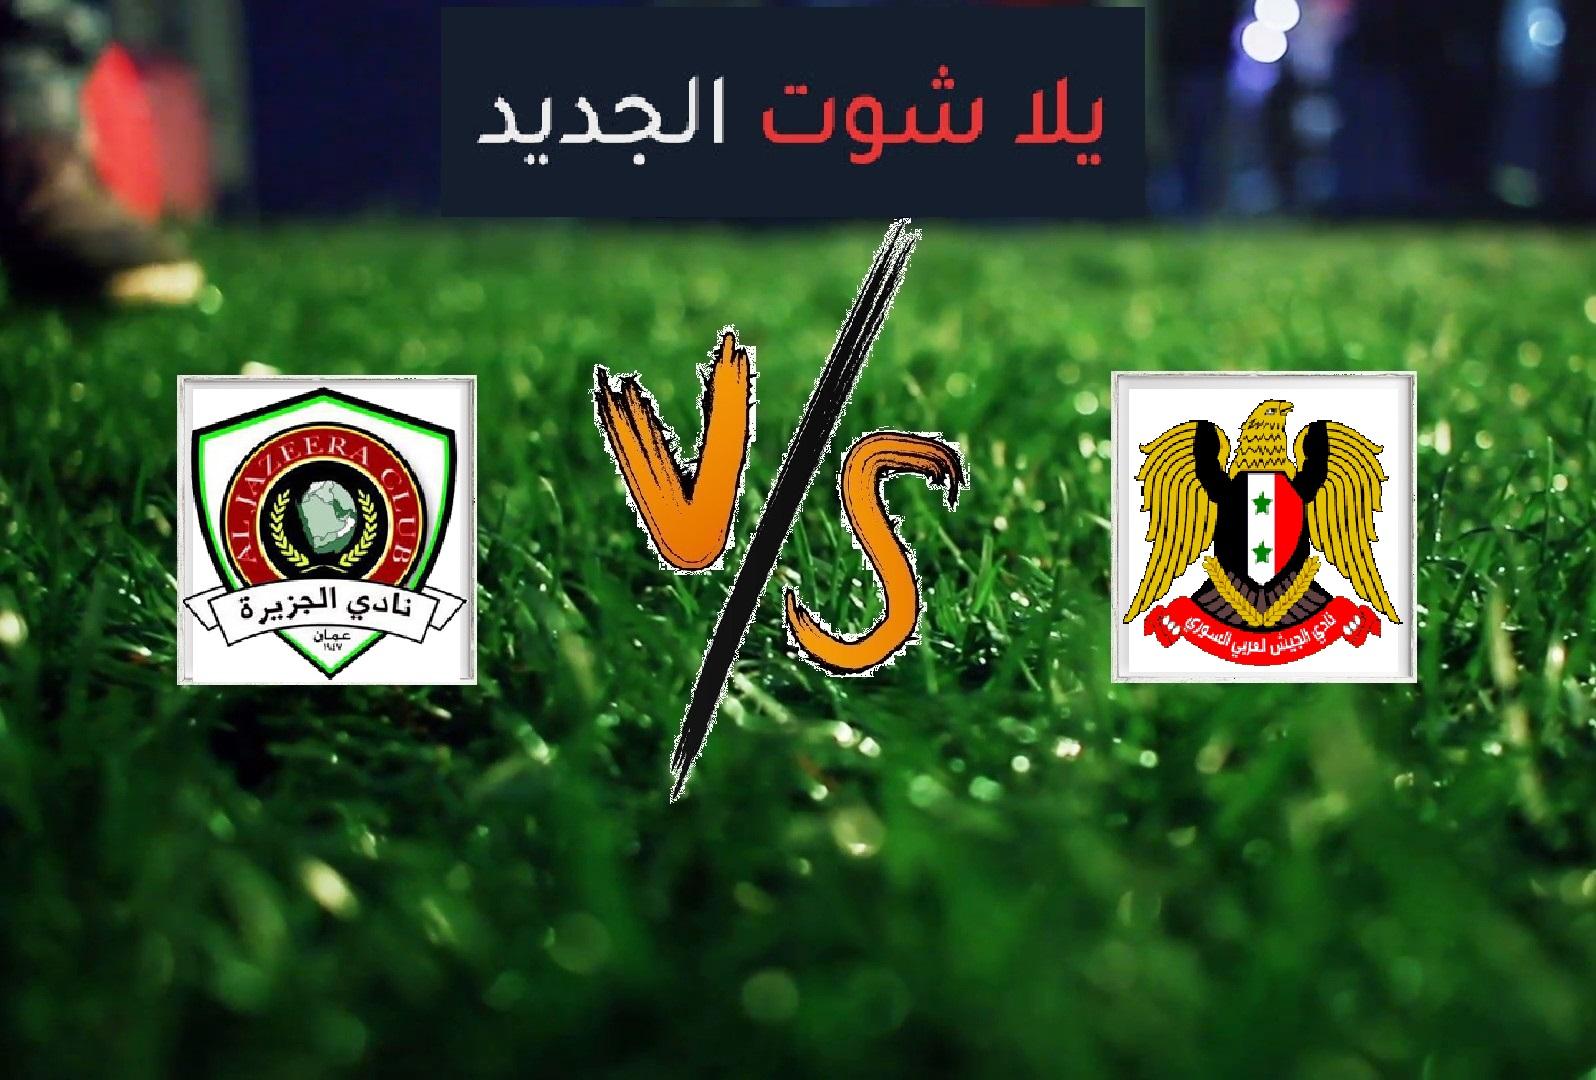 نتيجة مباراة الجيش والجزيرة اليوم الثلاثاء 18-06-2019 كأس الإتحاد الأسيوي